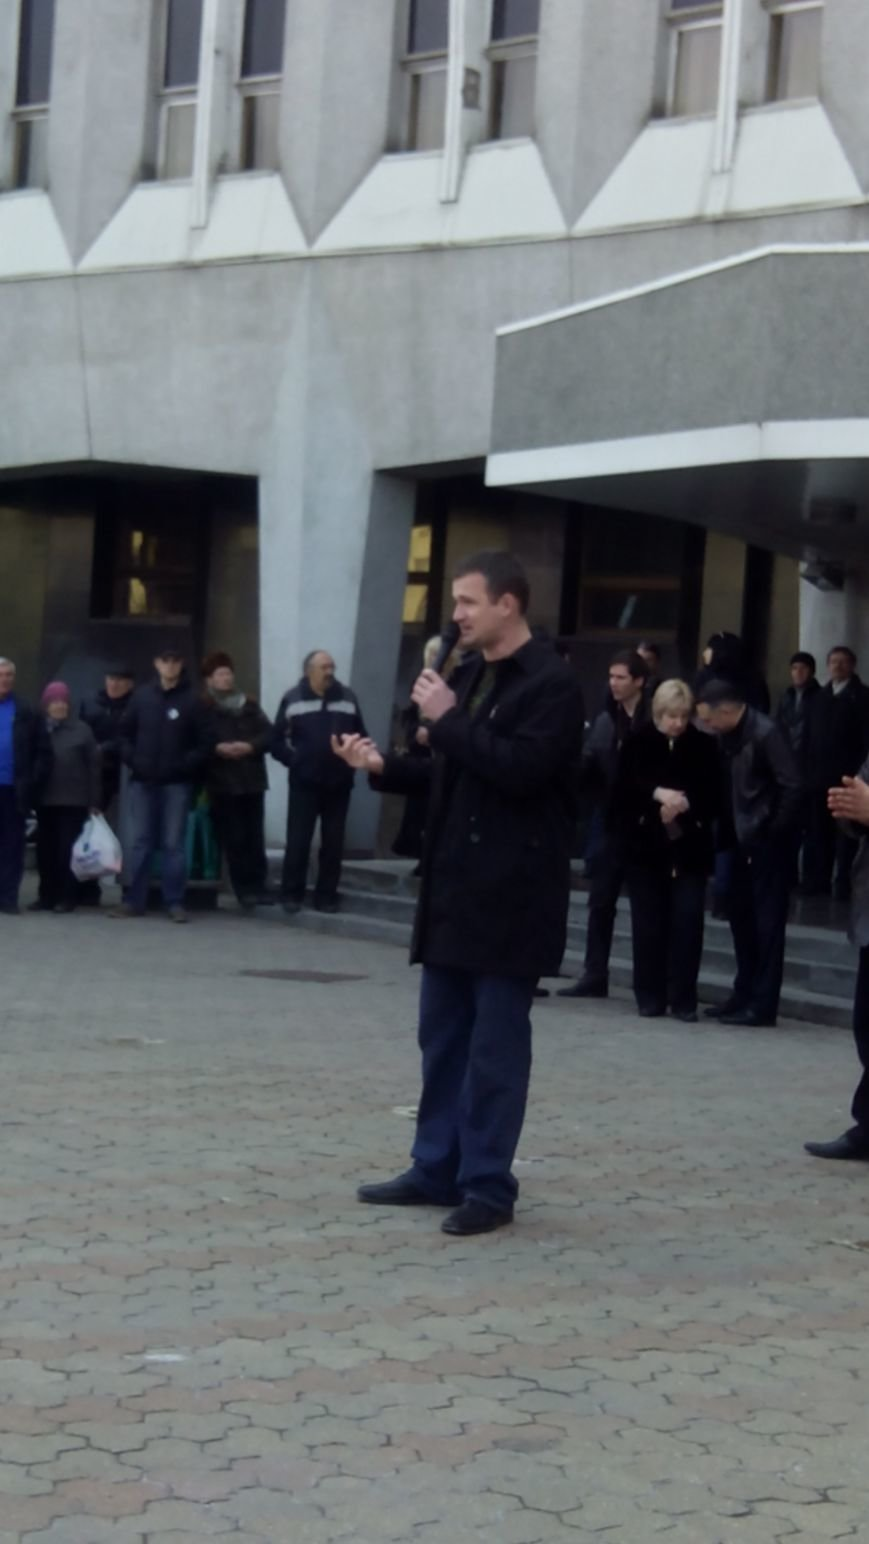 Мы сами решим, кому быть нардепом, а кому нет, - днепропетровские активисты (ФОТО), фото-6